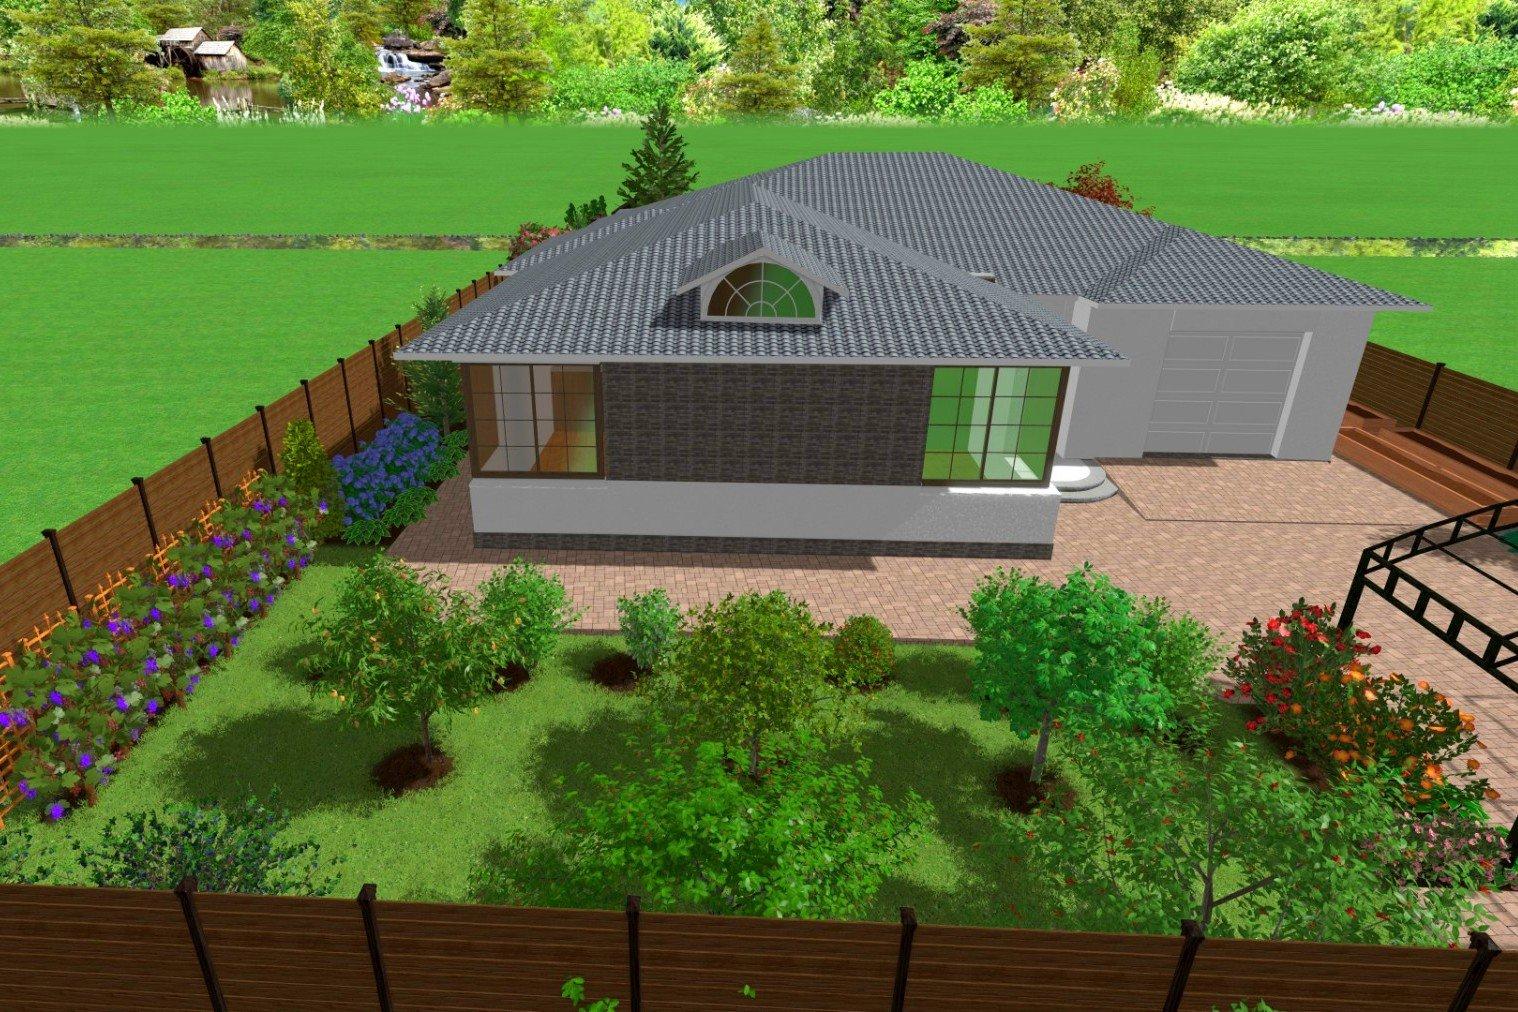 озеленение территории в Киеве, Ландшафтный дизайн проект пример, менеджеры по ландшафтному дизайну,